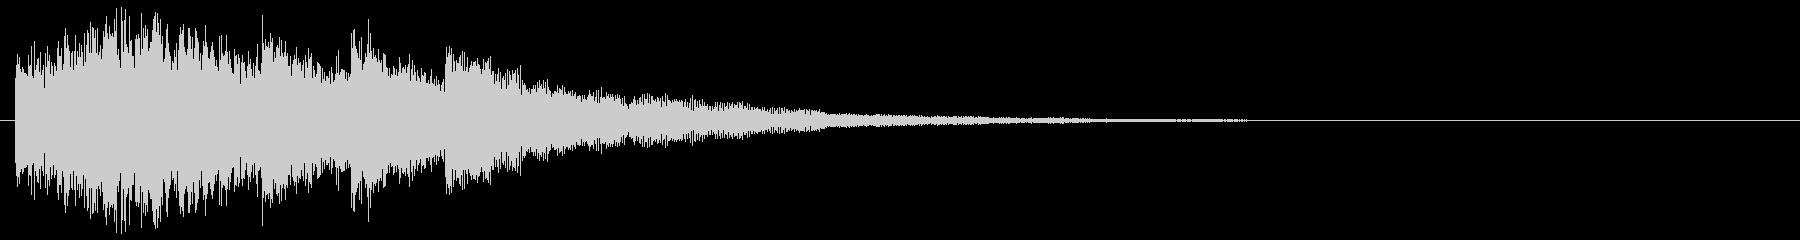 キラキラリン(サウンドロゴ、ジングル)の未再生の波形